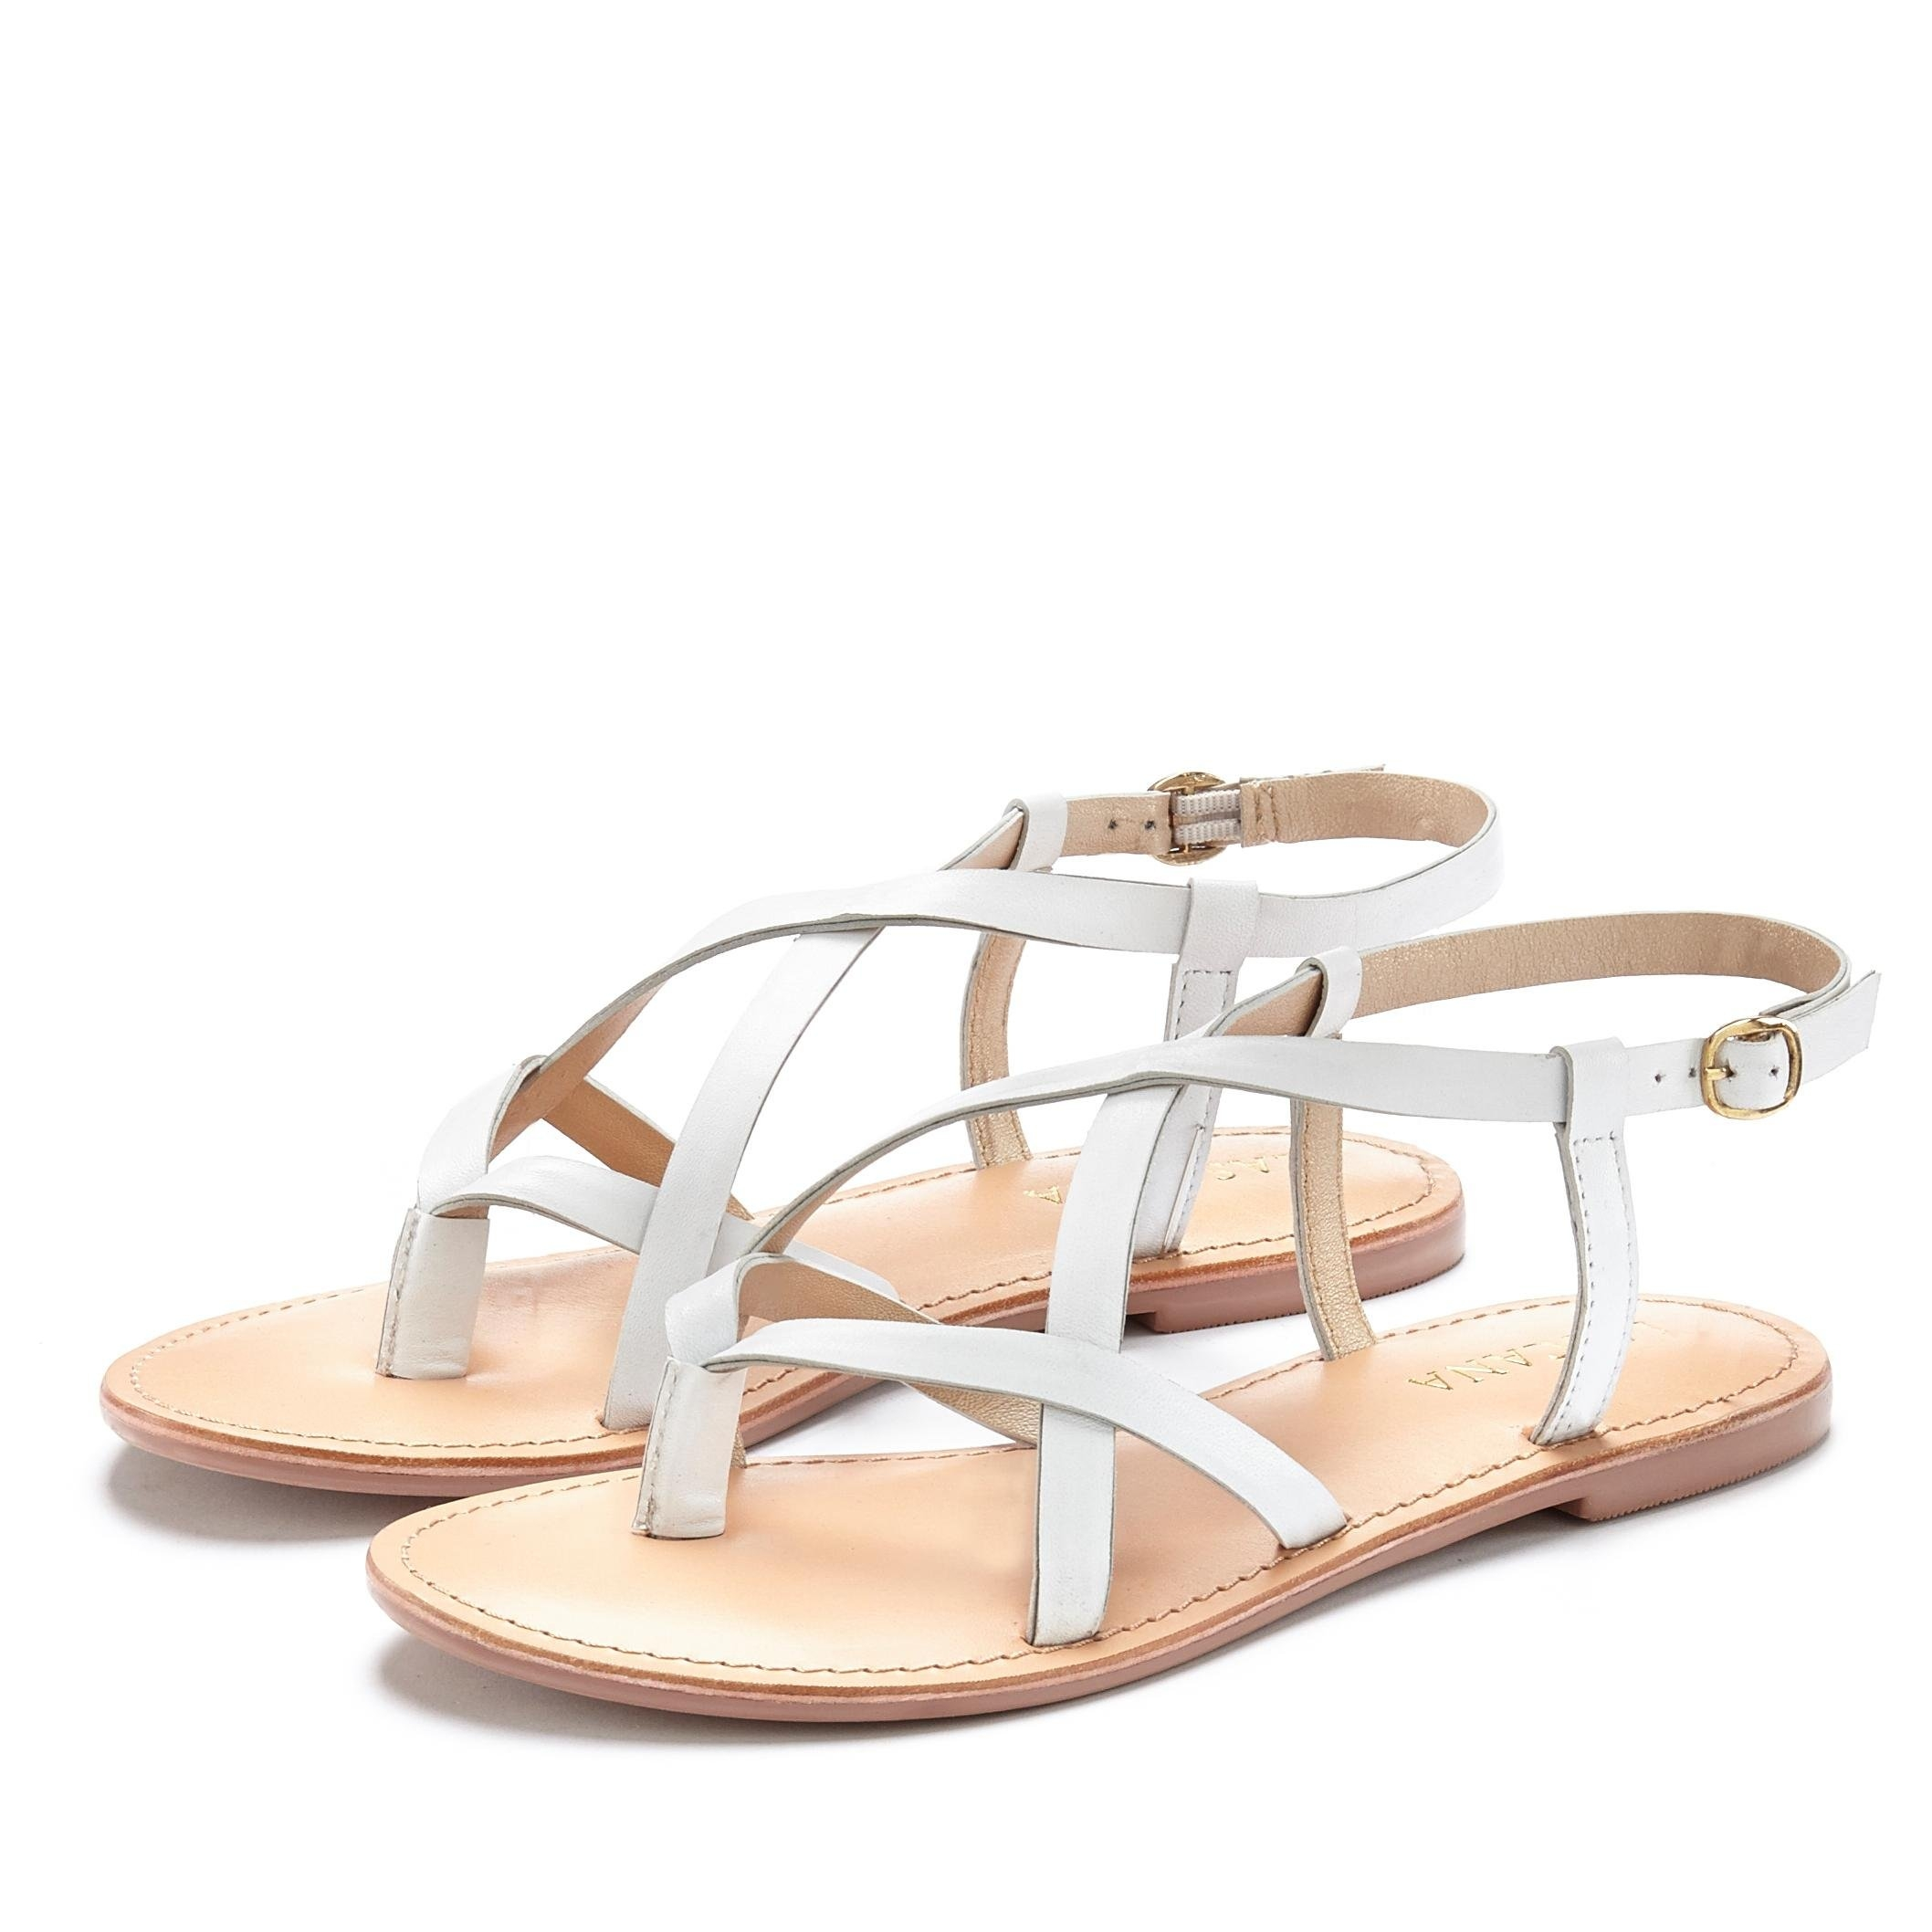 LASCANA sandalen bestellen: 14 dagen bedenktijd